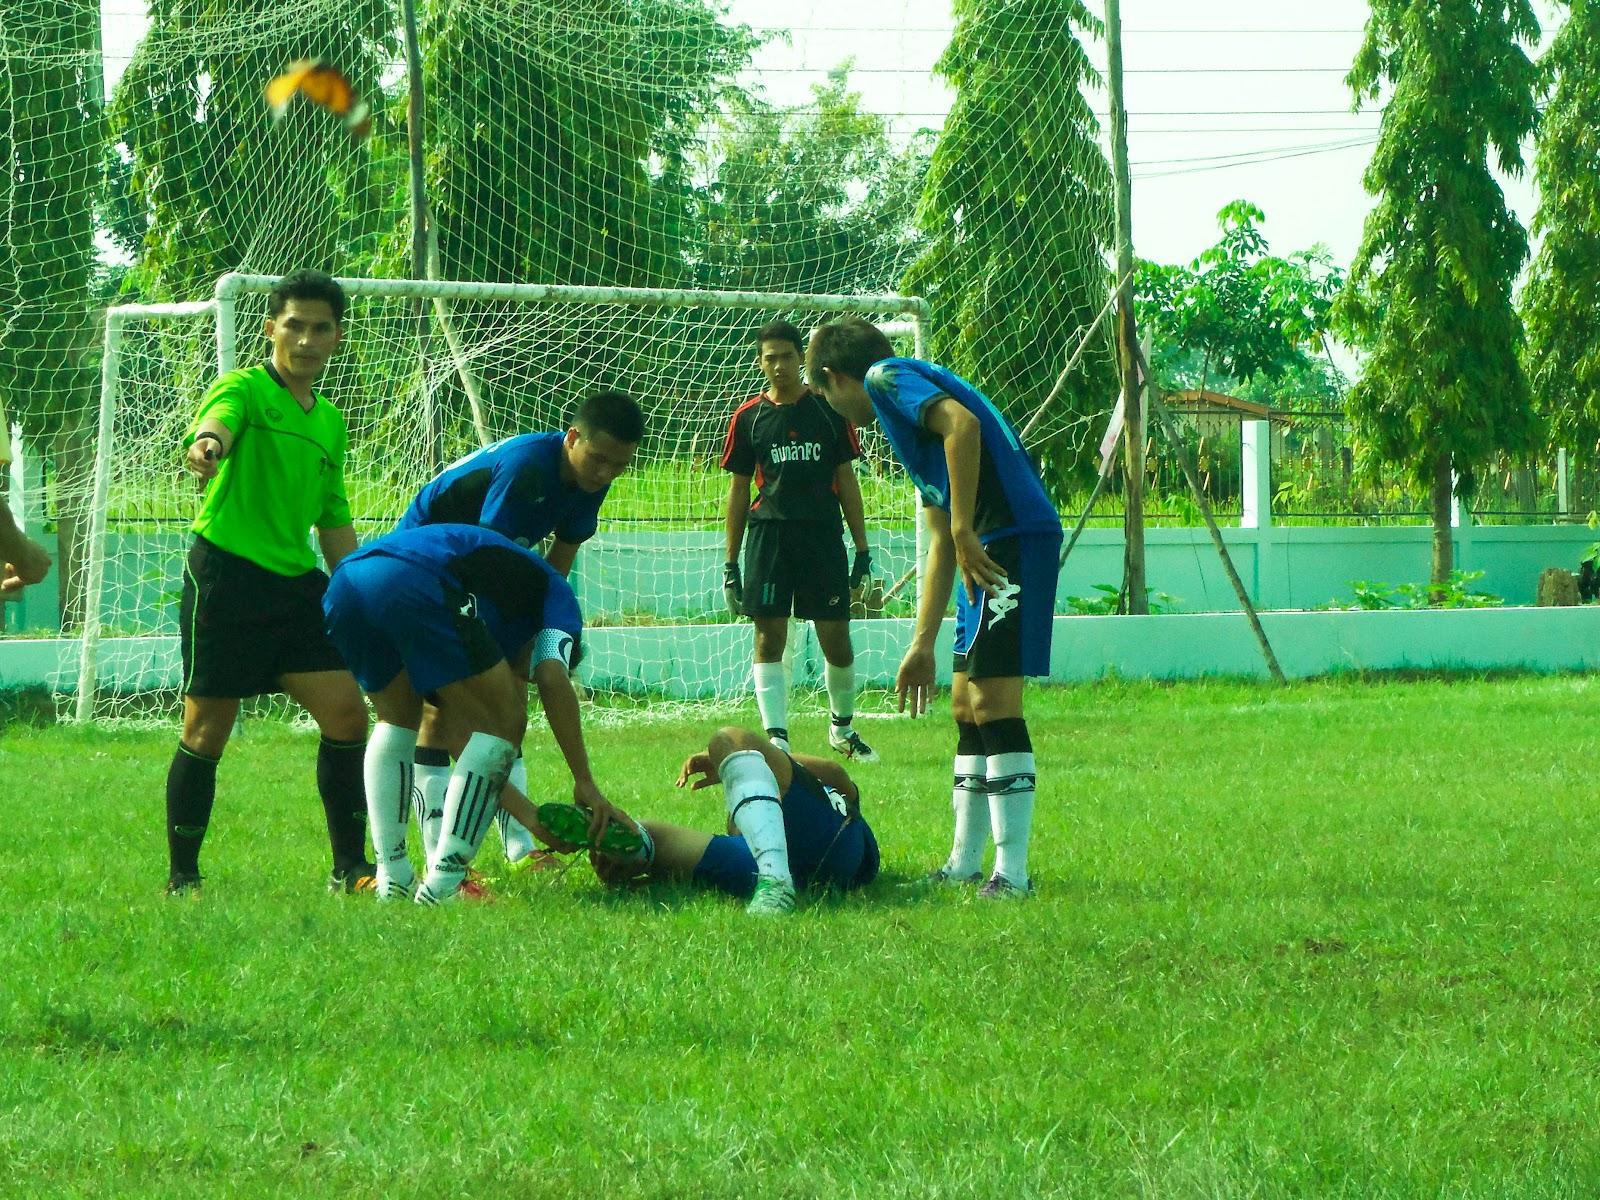 การแข่งขันฟุตบอล 7 คน